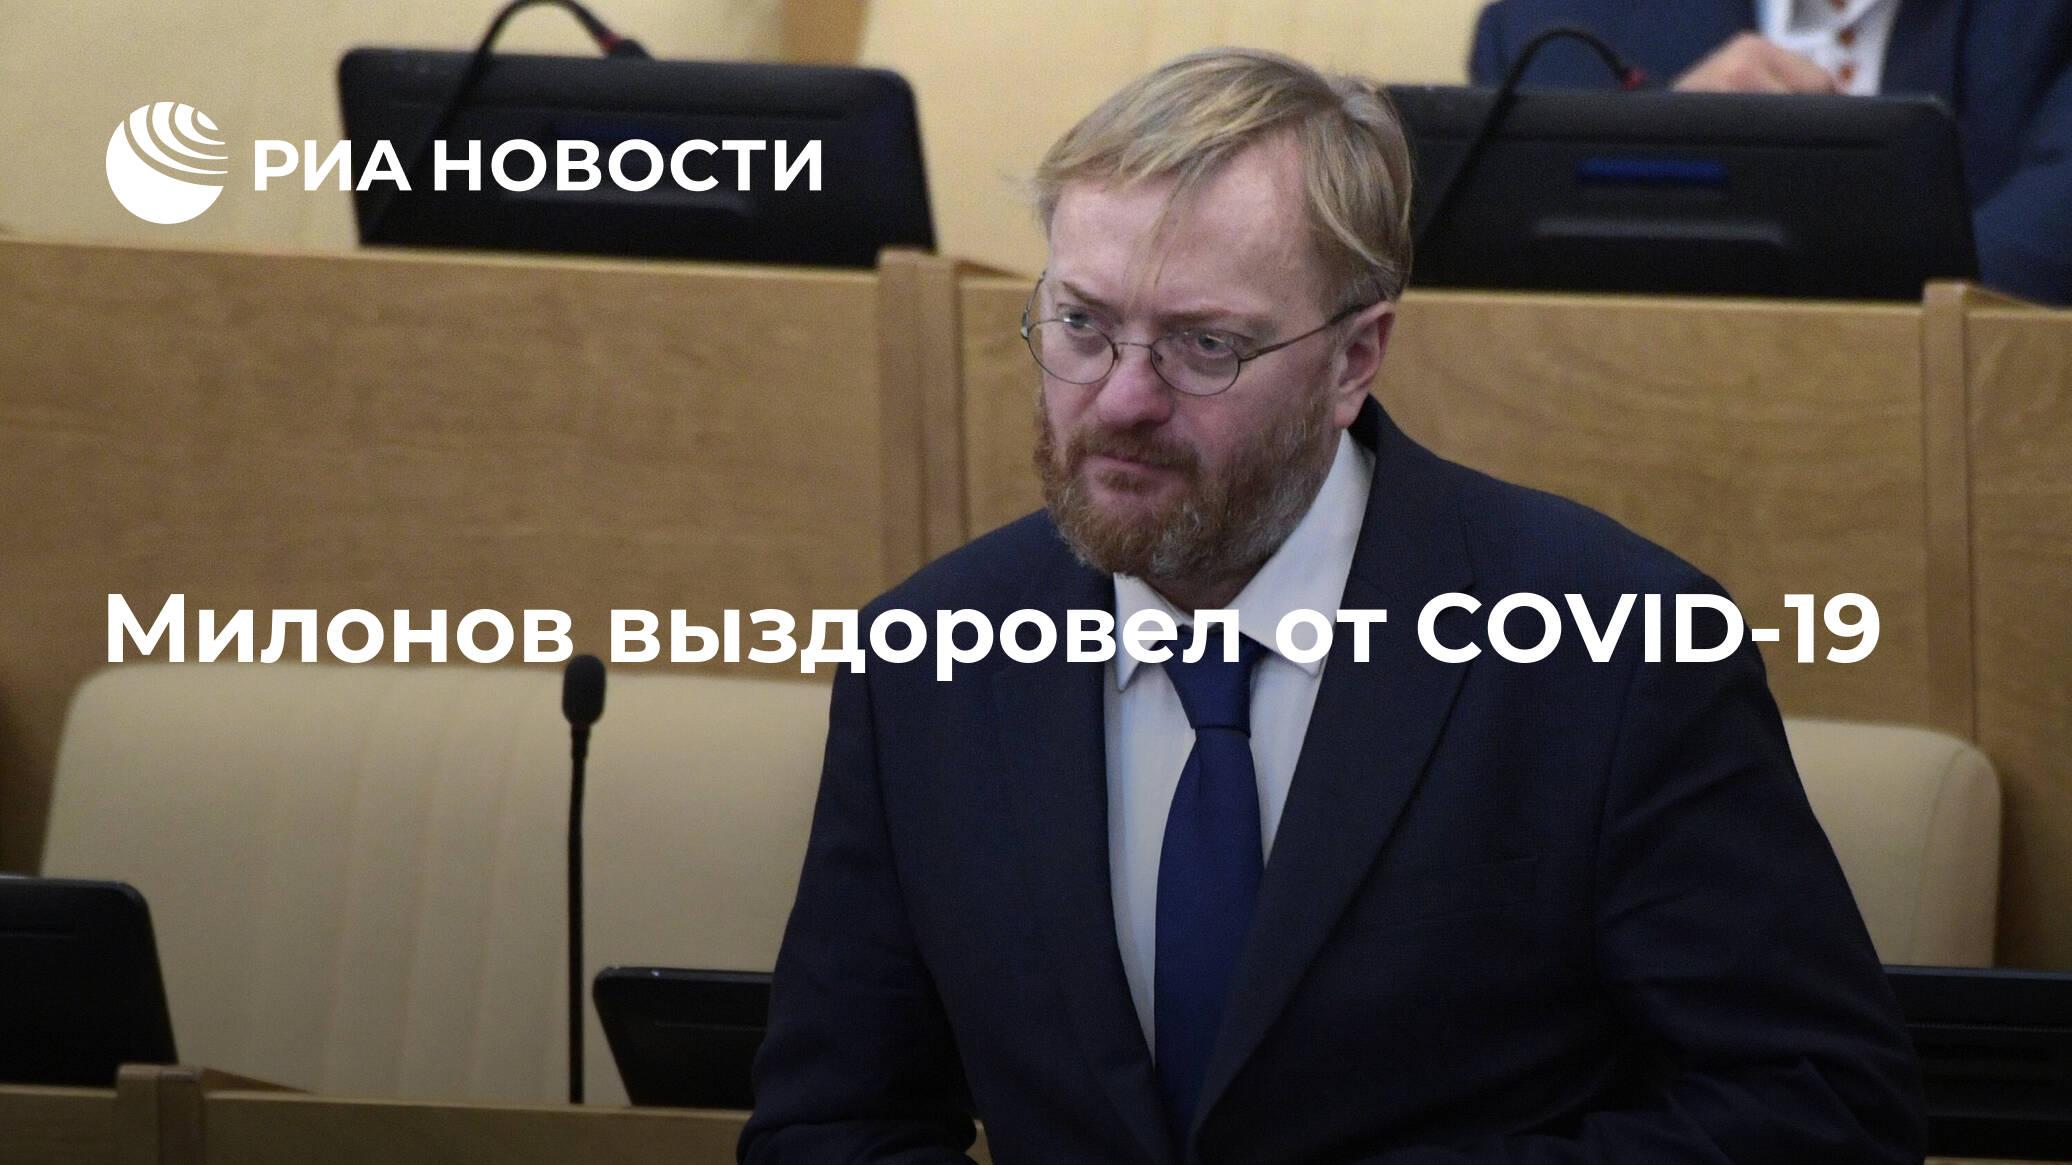 Милонов выздоровел от COVID-19